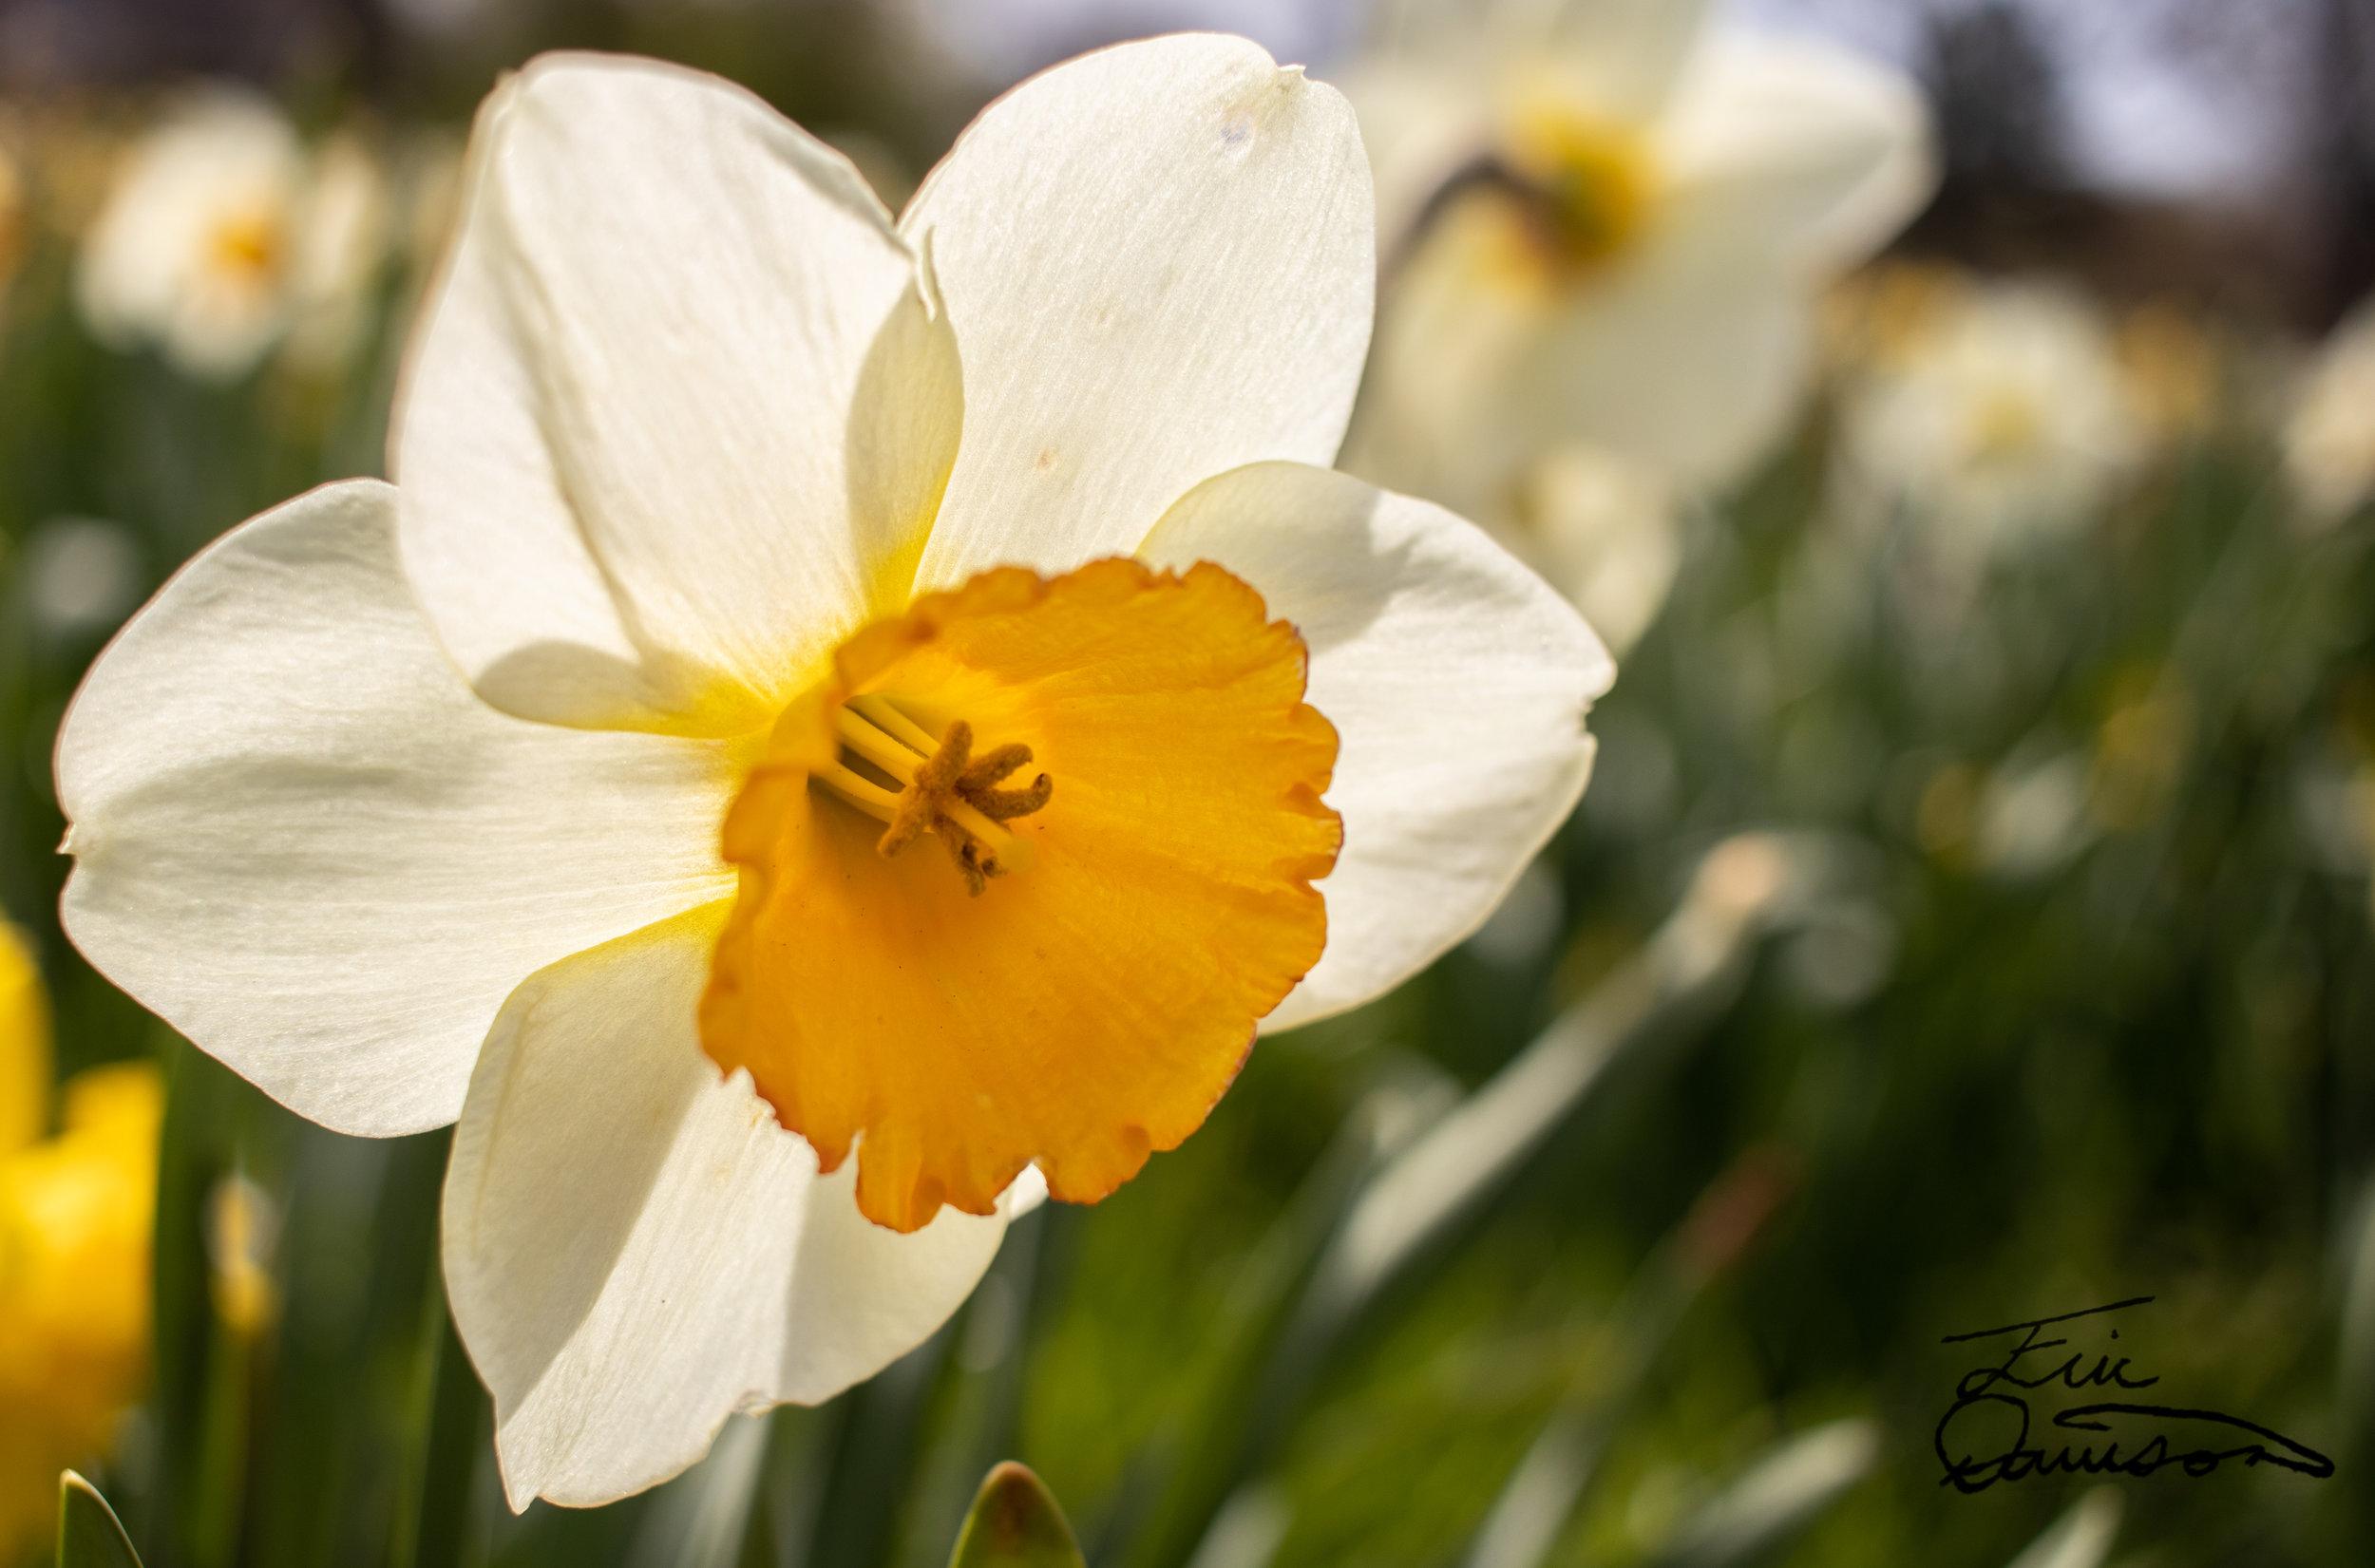 A Happy Daffodil